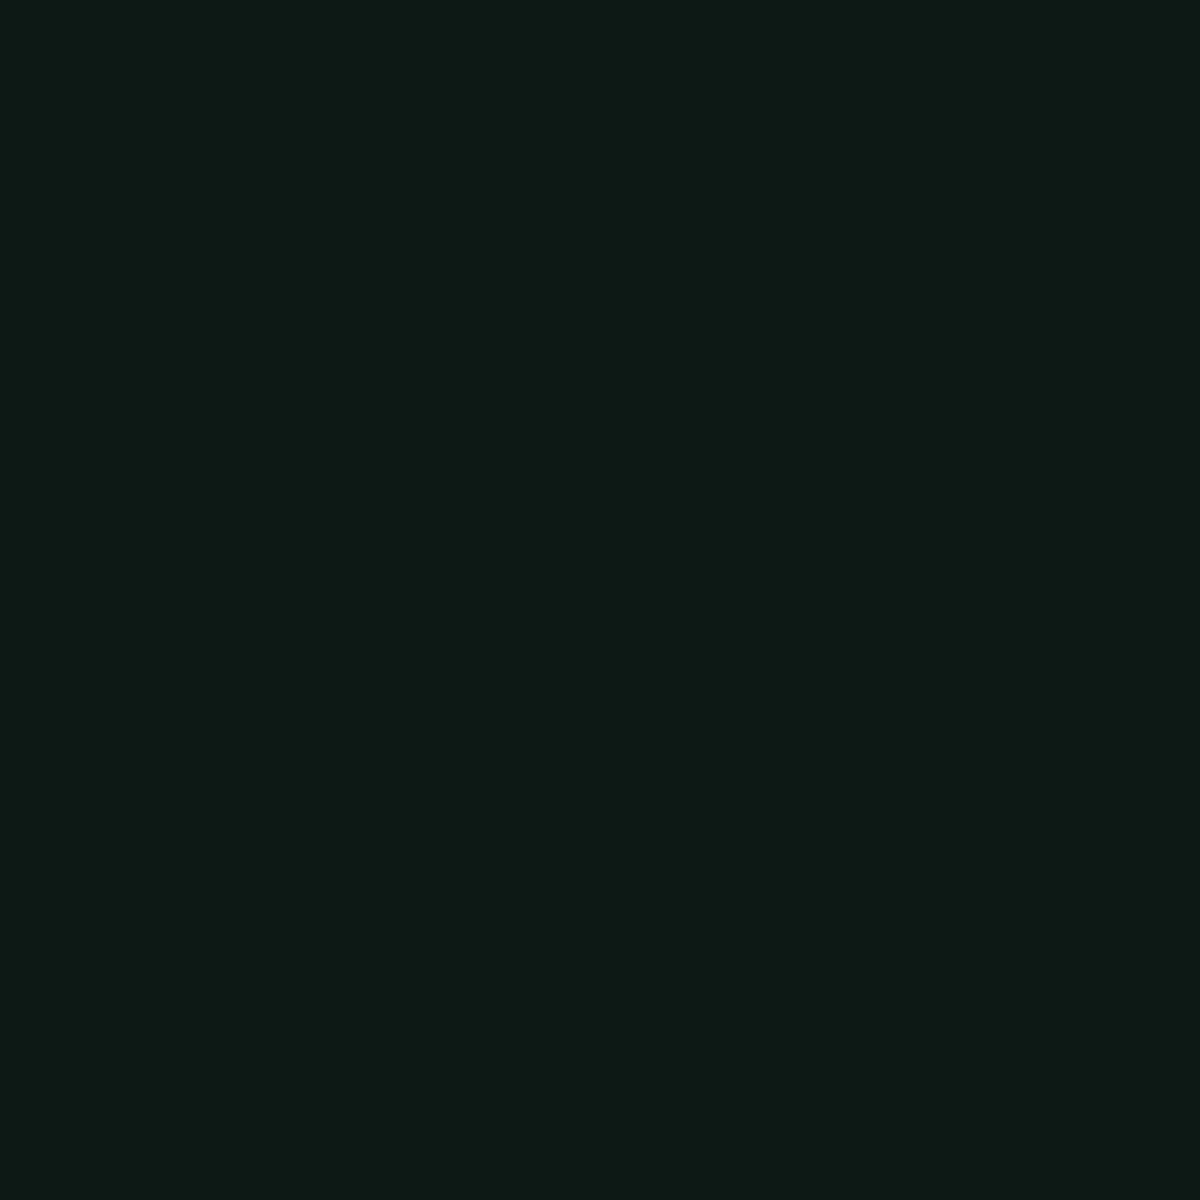 Prix Feuille Stratifié Formica stratifié hpl colors hgp noir f2253 mat matte 58 pel 1 face 305x130cm 0,7mm